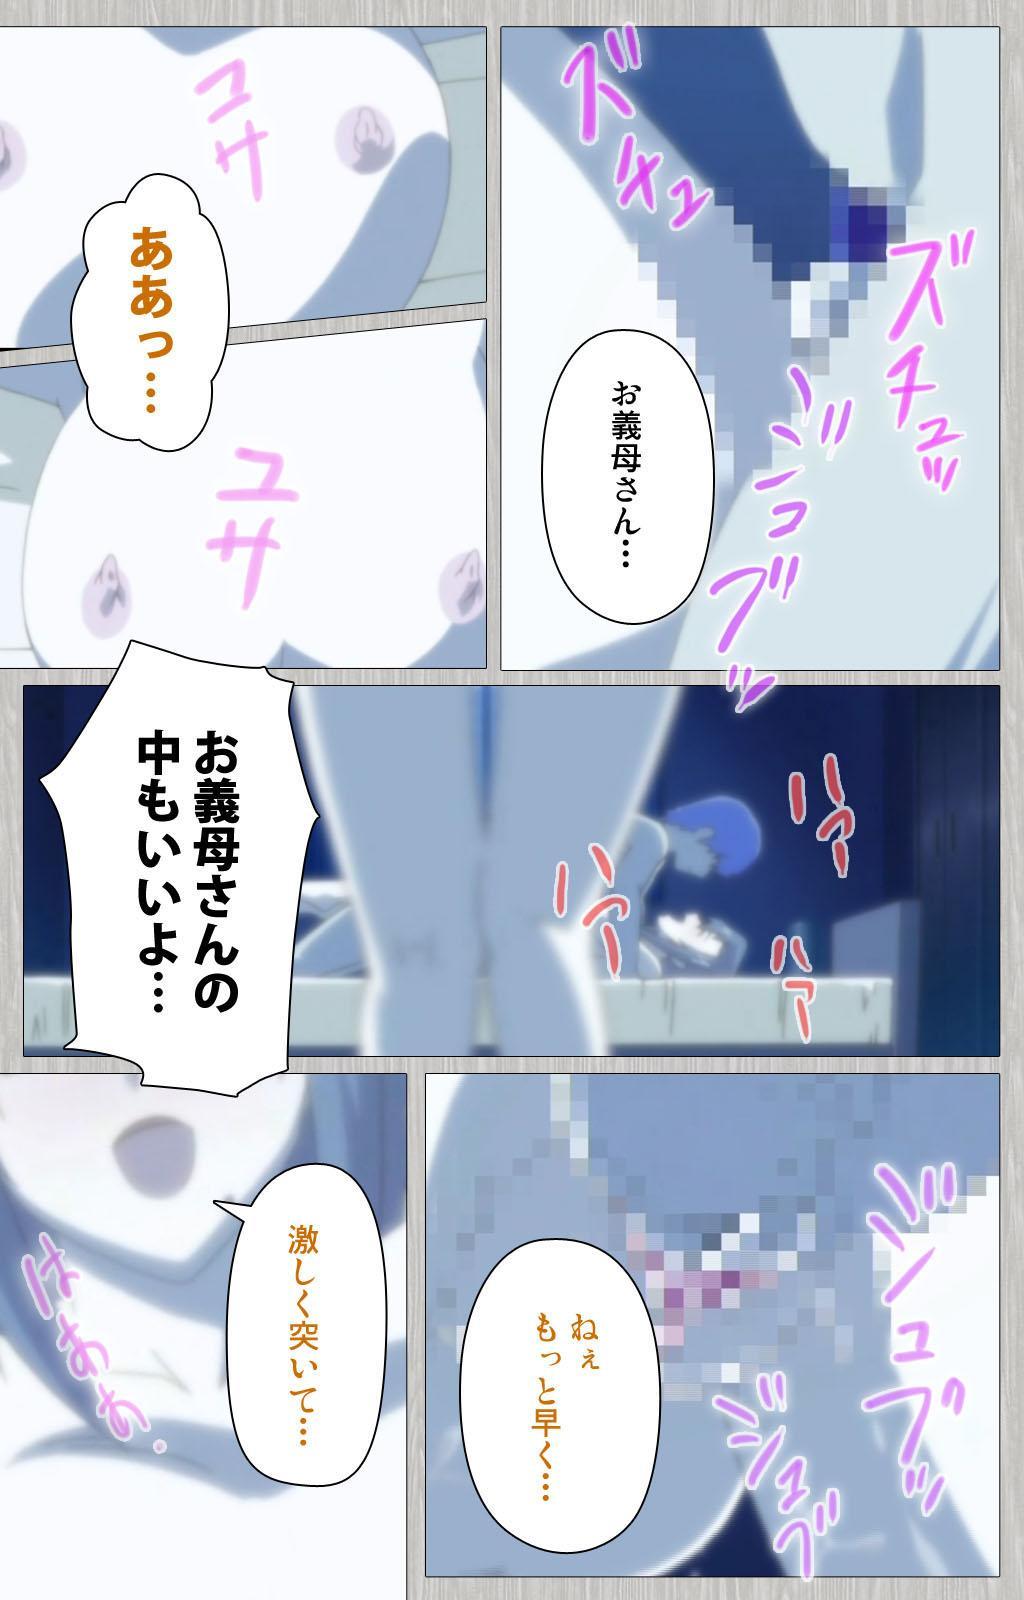 Tsuma no haha Sayuri Kanzenban 110